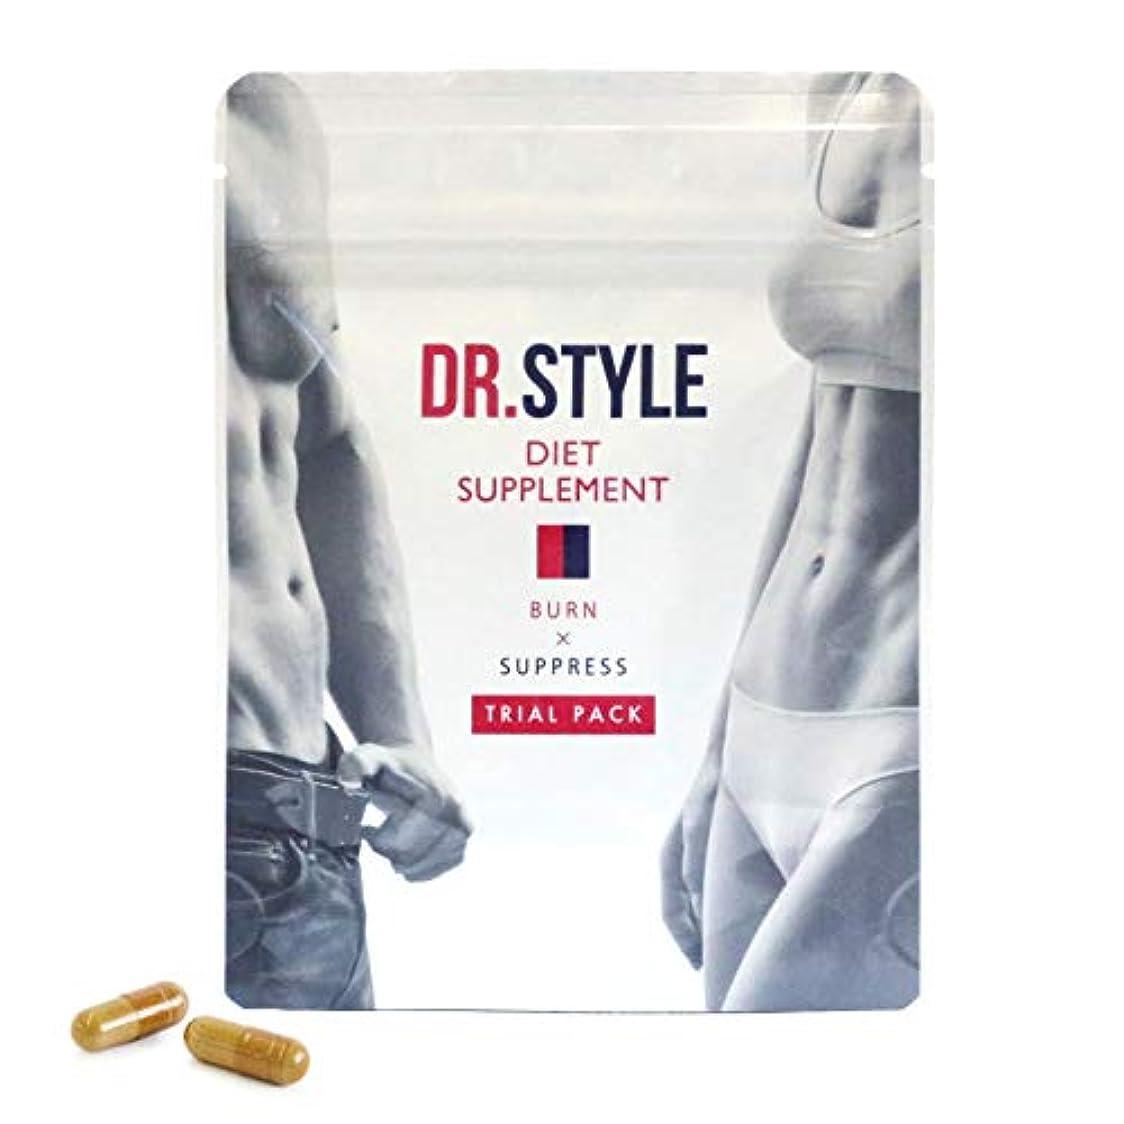 関与する急速な蛾医師監修 ダイエット サプリメント DR.STYLE 1週間トライアルパック